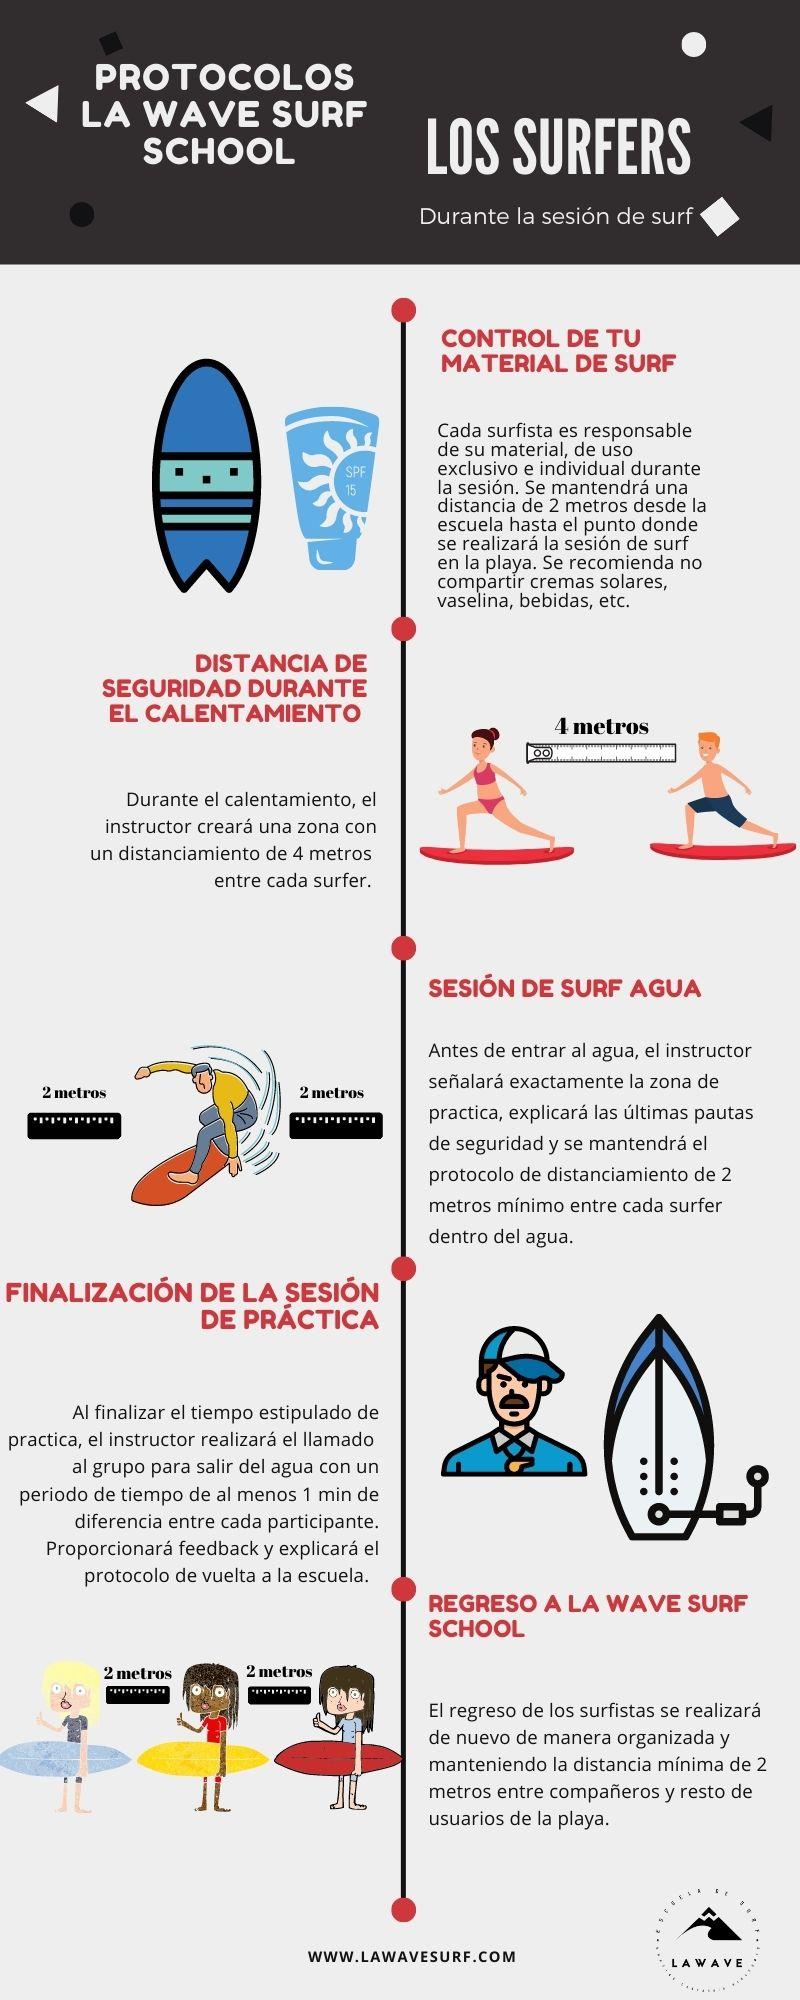 Protocolo COVID-19 La Wave